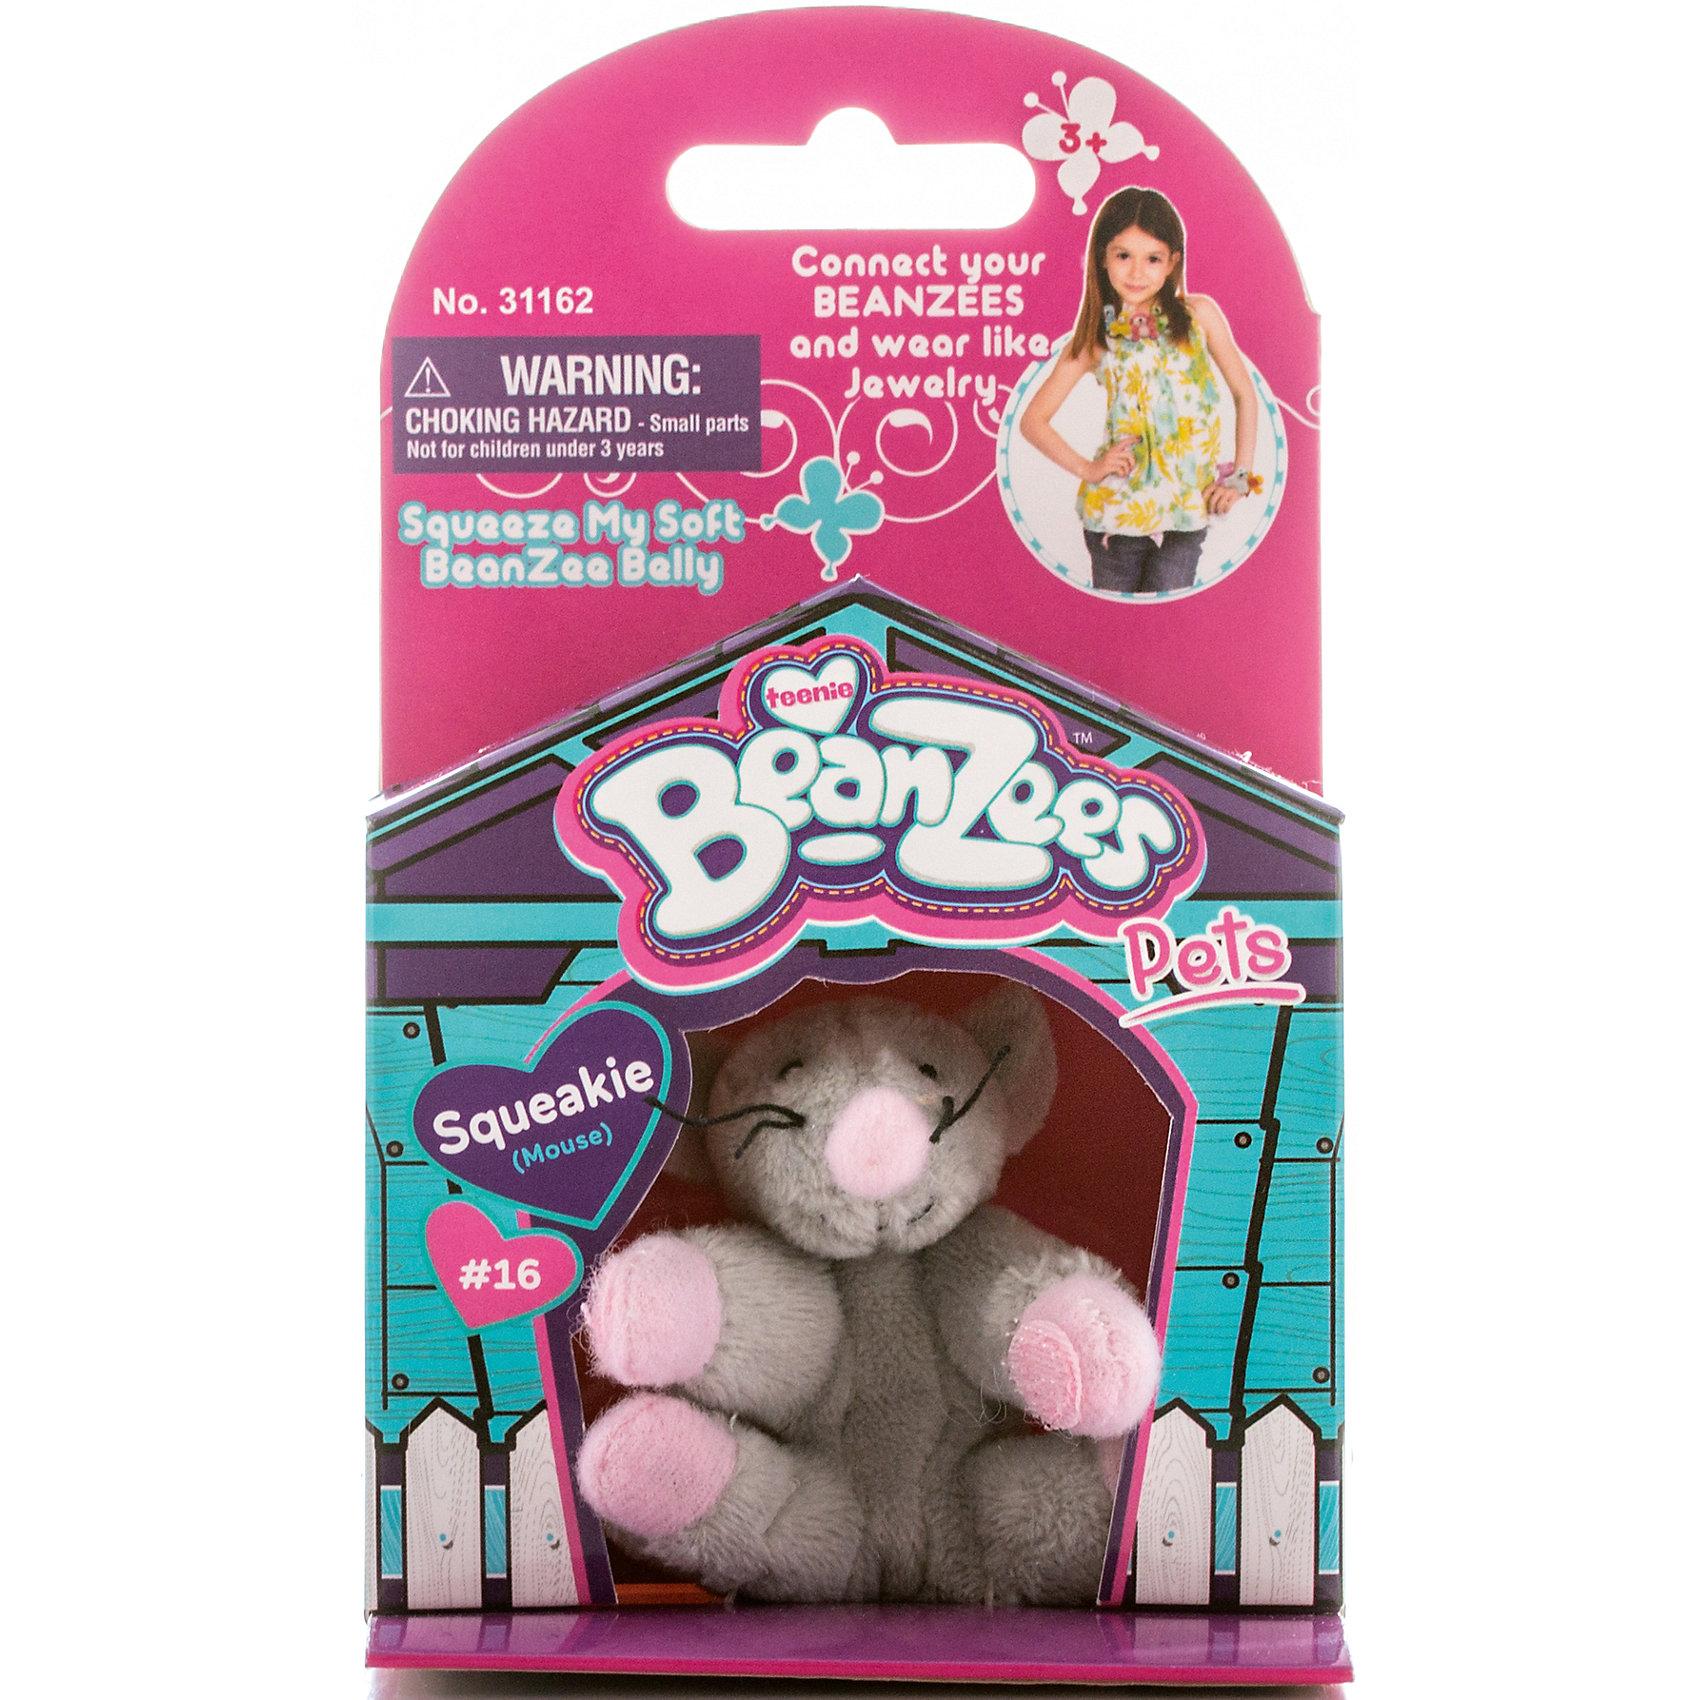 Мини-плюш Мышь, BeanzeezХарактеристики товара:<br><br>• особенности: наличие на лапках липучек, игрушку можно соединять с другими героями из серии<br>• материал: пластик, текстиль<br>• размер упаковки: 9х5,5х14,5 см.<br>• высота игрушки: 5 см<br>• возраст: от 3 лет<br>• страна бренда: США<br>• страна производства: Китай<br><br>Такая симпатичная игрушка не оставит ребенка равнодушным! Какой малыш откажется поиграть с маленькими плюшевыми игрушками из большой пушистой коллекции?! Игрушки очень качественно выполнены, поэтому такая фигурка станет отличным подарком ребенку. Благодаря липучкам на лапках животных можно соединить между собой. Дети приходят в восторг от этих игрушек!<br>Такие предметы помогают ребенку отрабатывать новые навыки и способности - развивать ловкость, мелкую моторику, воображение, мышление, логику. Изделие производится из качественных сертифицированных материалов, безопасных даже для самых маленьких.<br><br>Мини-плюш Мышь от бренда Beanzeez можно купить в нашем интернет-магазине.<br><br>Ширина мм: 50<br>Глубина мм: 140<br>Высота мм: 85<br>Вес г: 73<br>Возраст от месяцев: 36<br>Возраст до месяцев: 2147483647<br>Пол: Женский<br>Возраст: Детский<br>SKU: 5218685